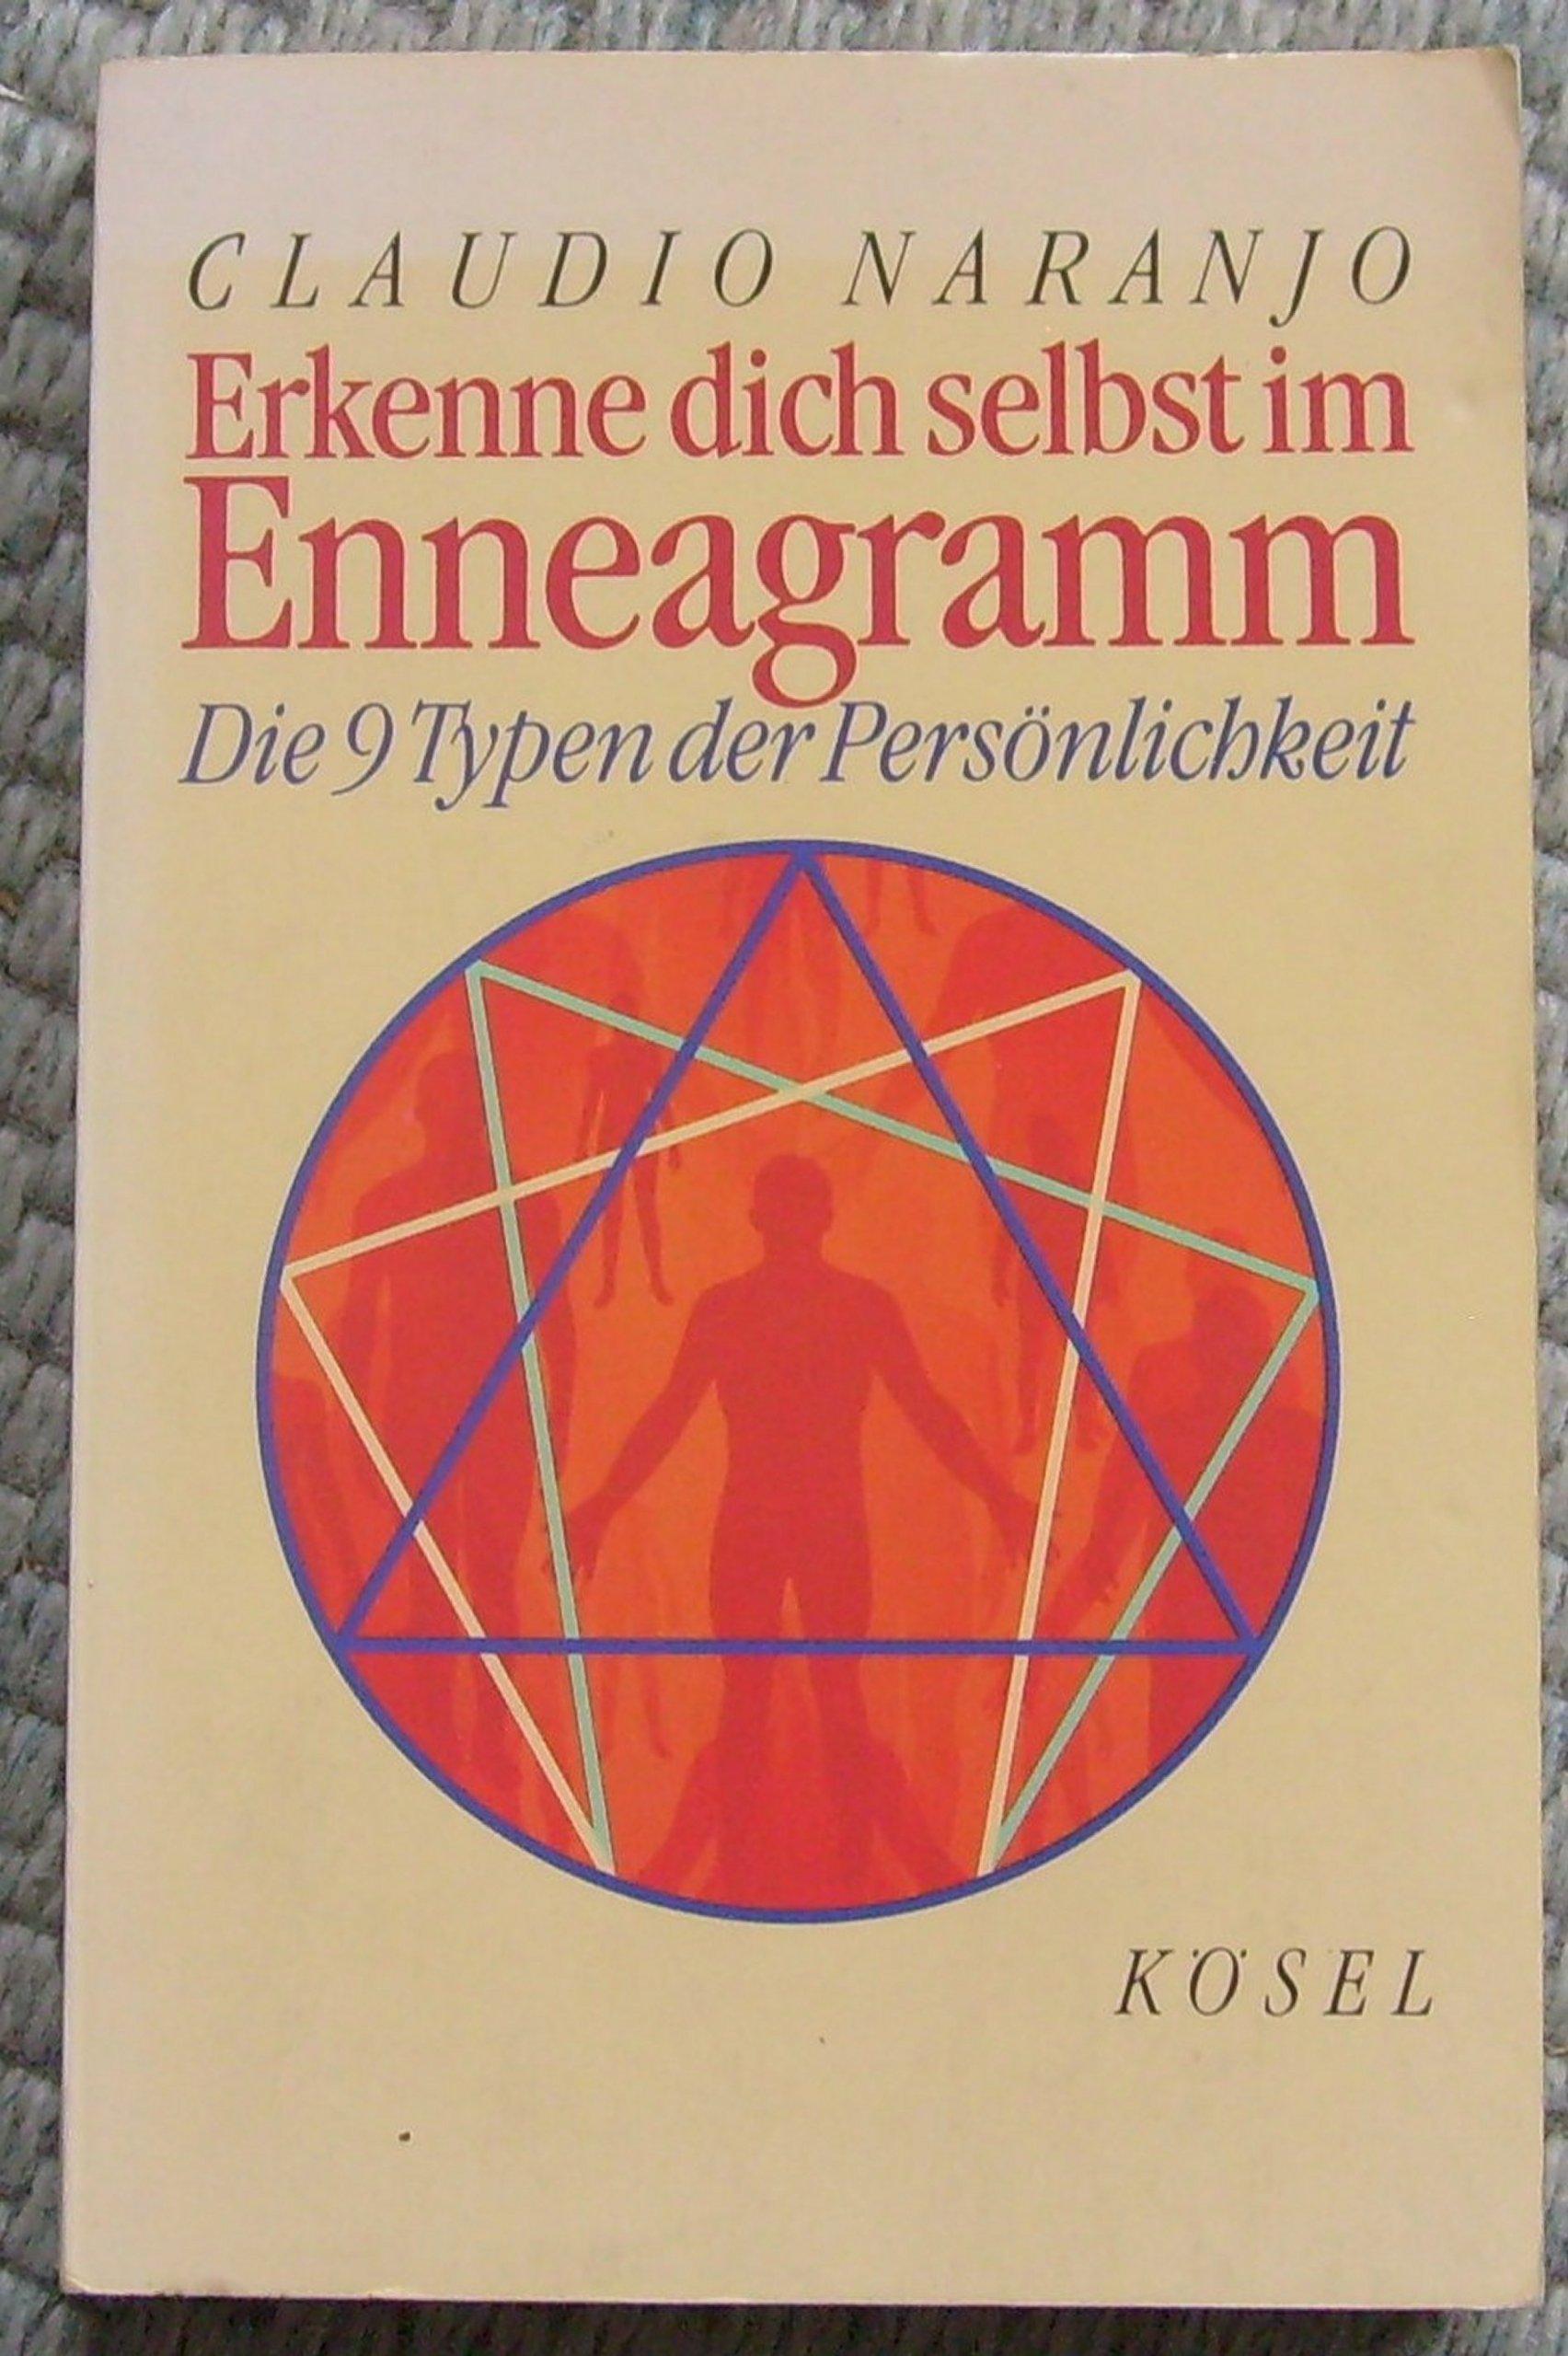 Erkenne dich selbst im Enneagramm Taschenbuch – 2001 Claudio Naranjo Kösel 346634316X MAK_GD_9783466343164